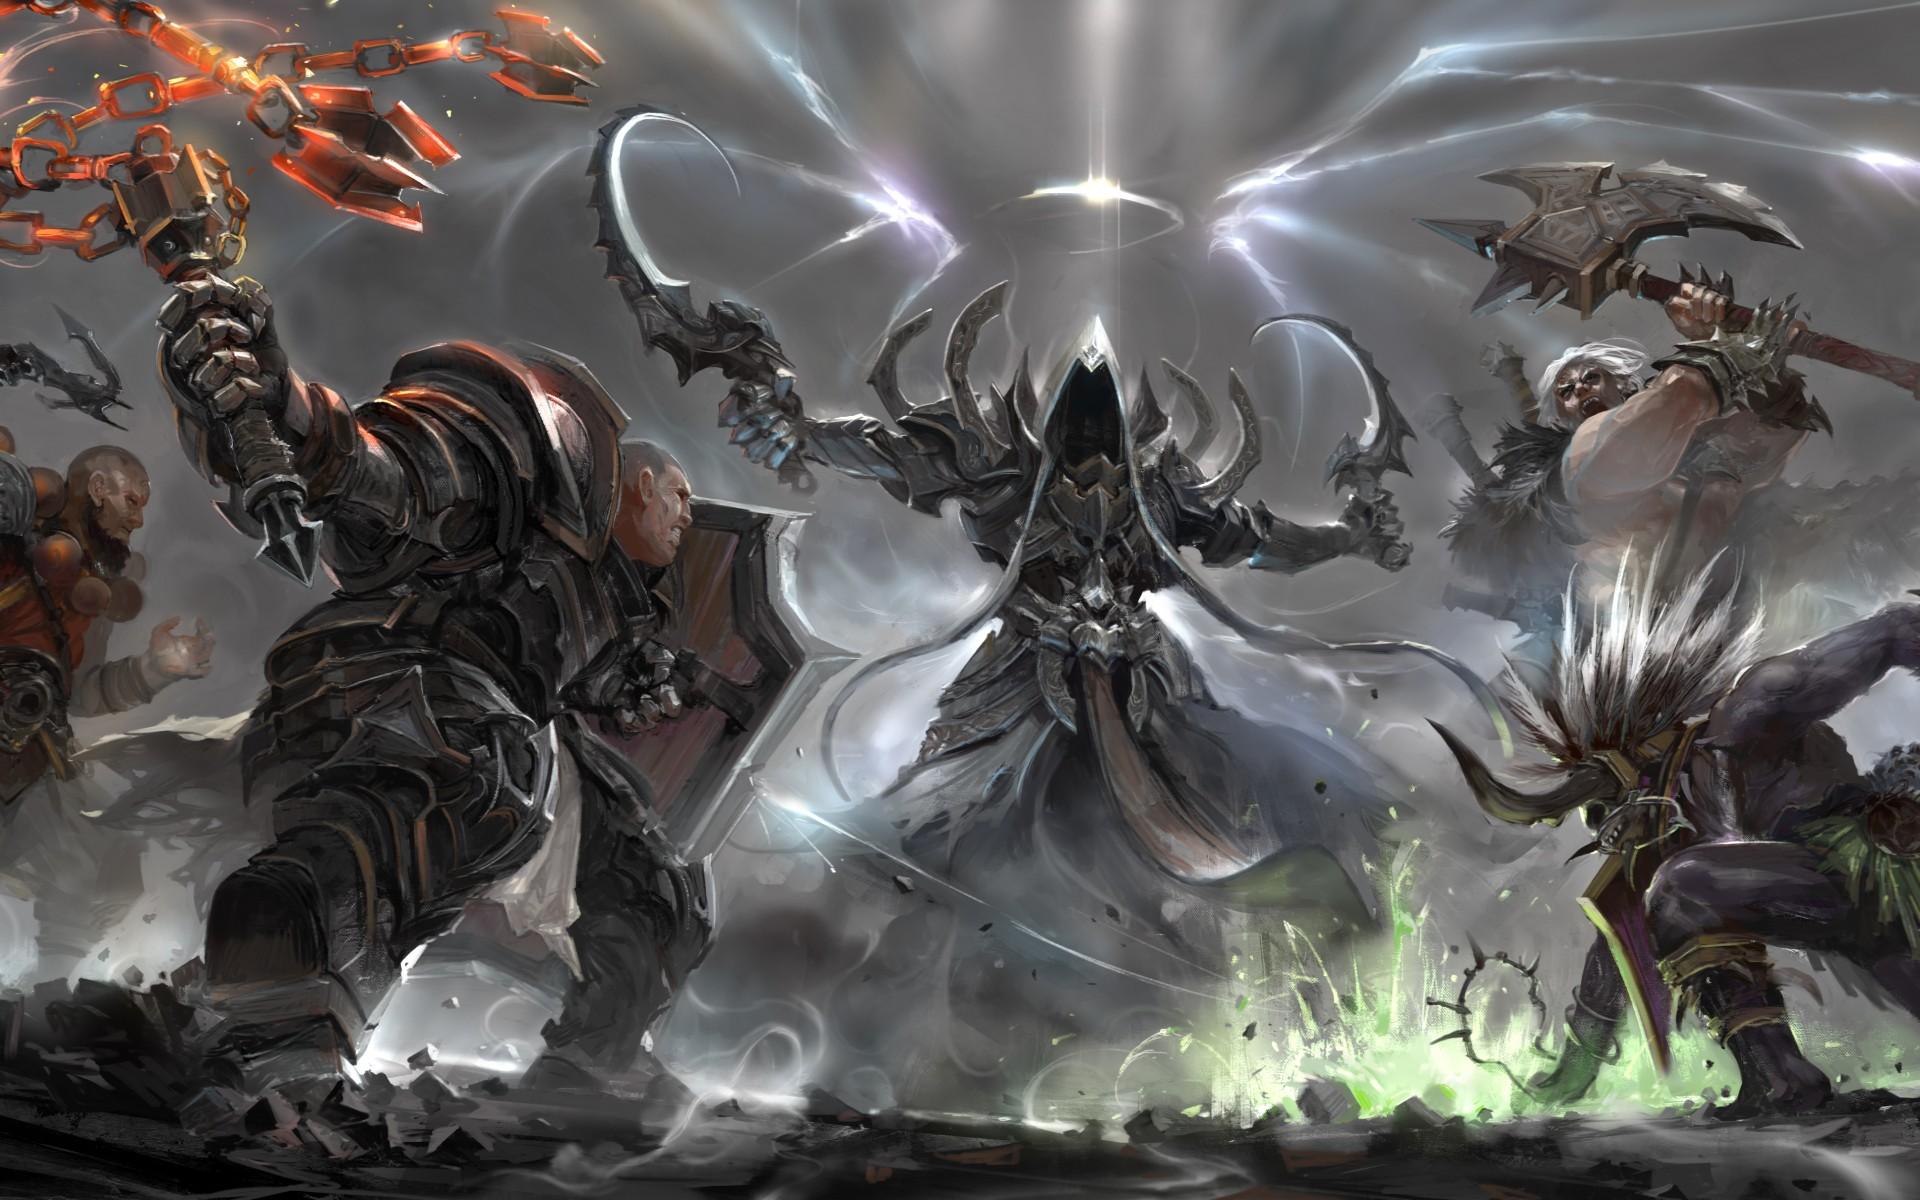 Diablo 3 Reaper Of Souls Wallpapers: Diablo Reaper Of Souls Wallpaper